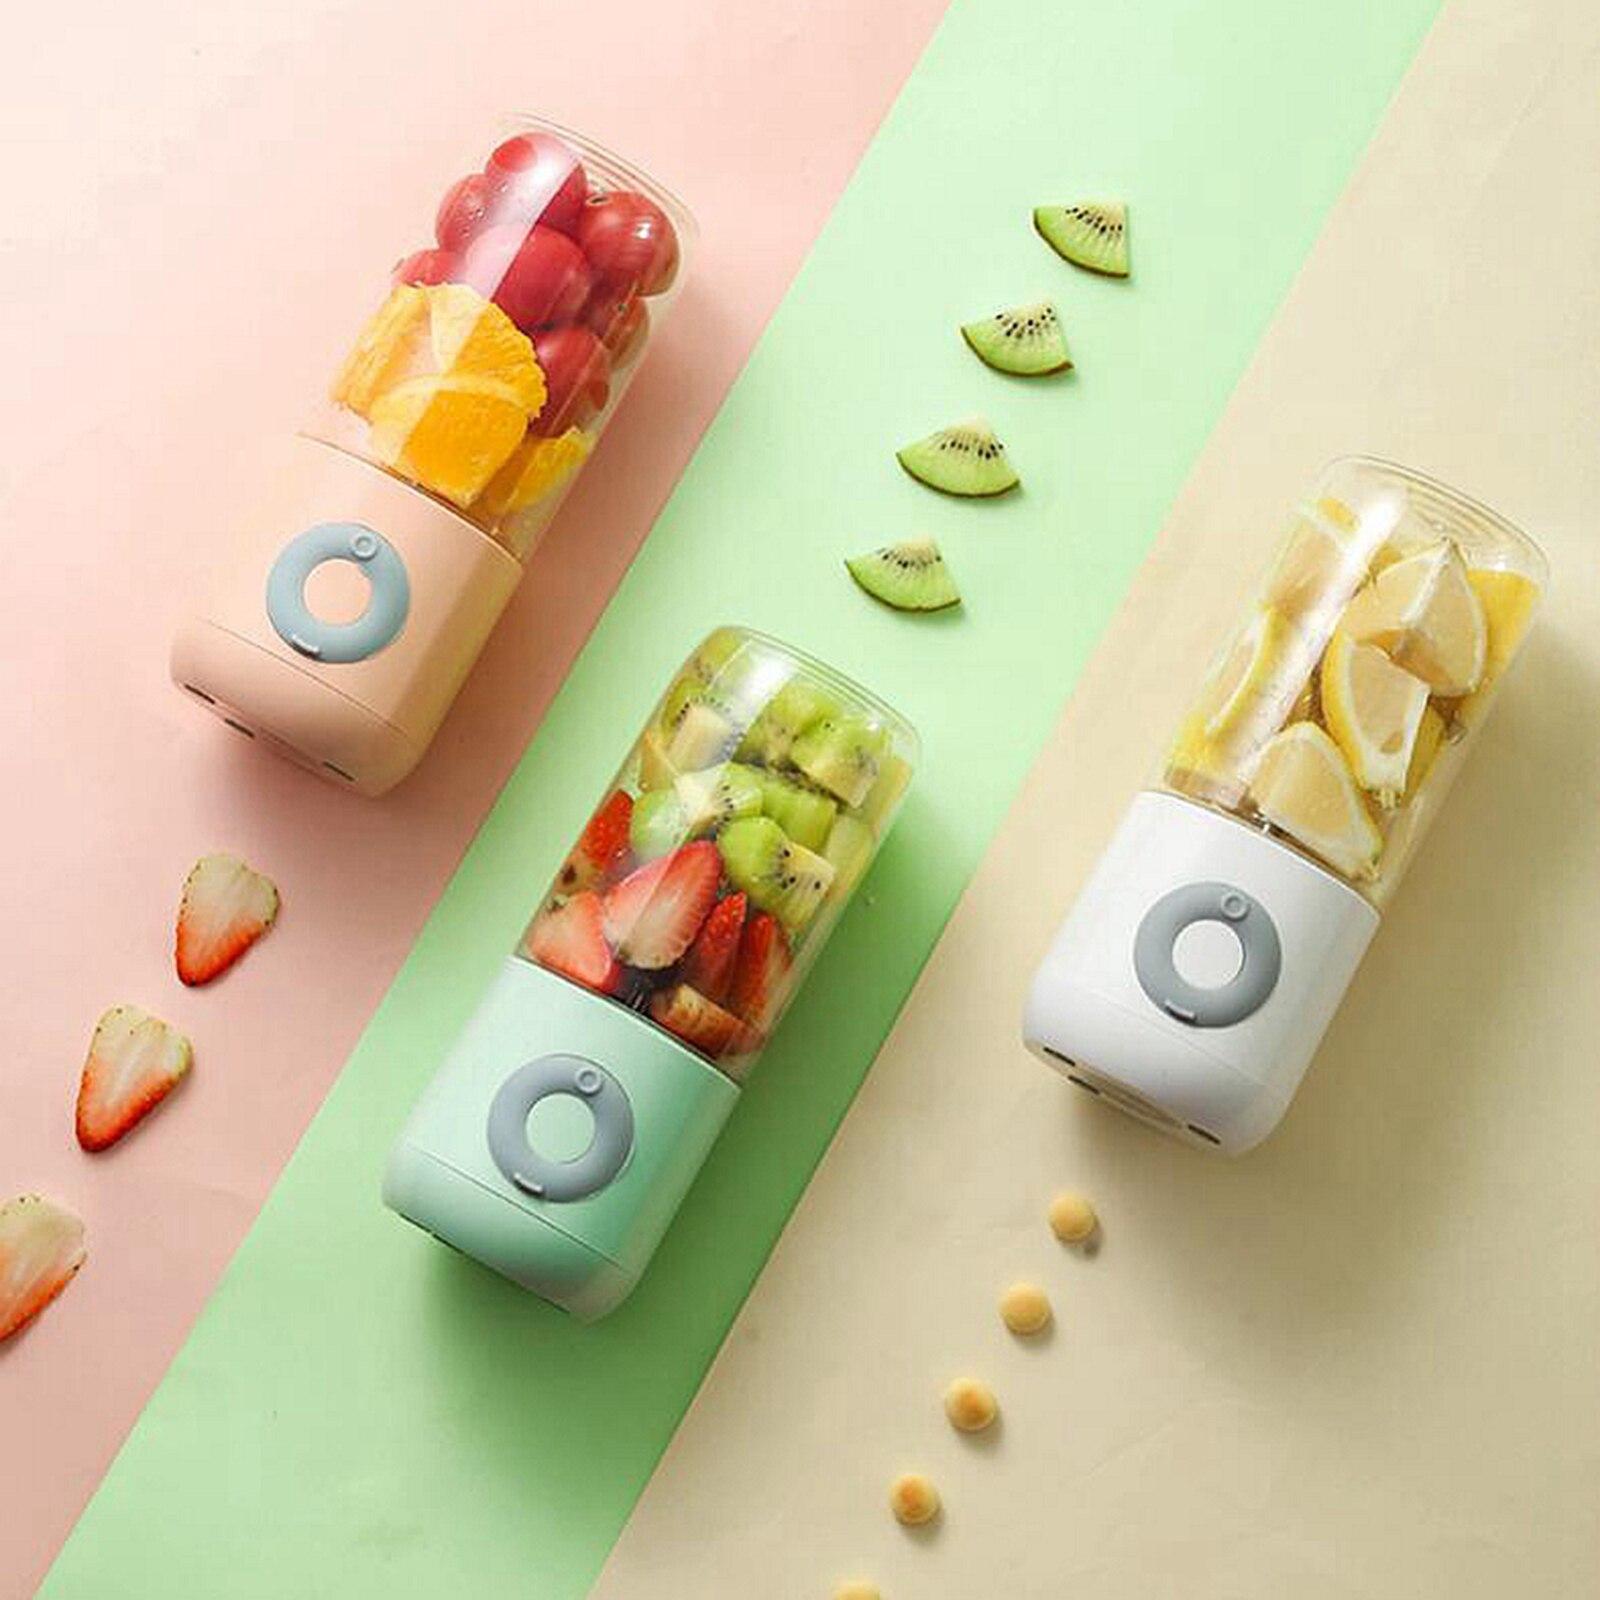 القاطع عصارة صغيرة محمولة USB خلاط كهربائي الفاكهة خلاط عصائر لآلة منتج أغذية صانع مستخرج العصير